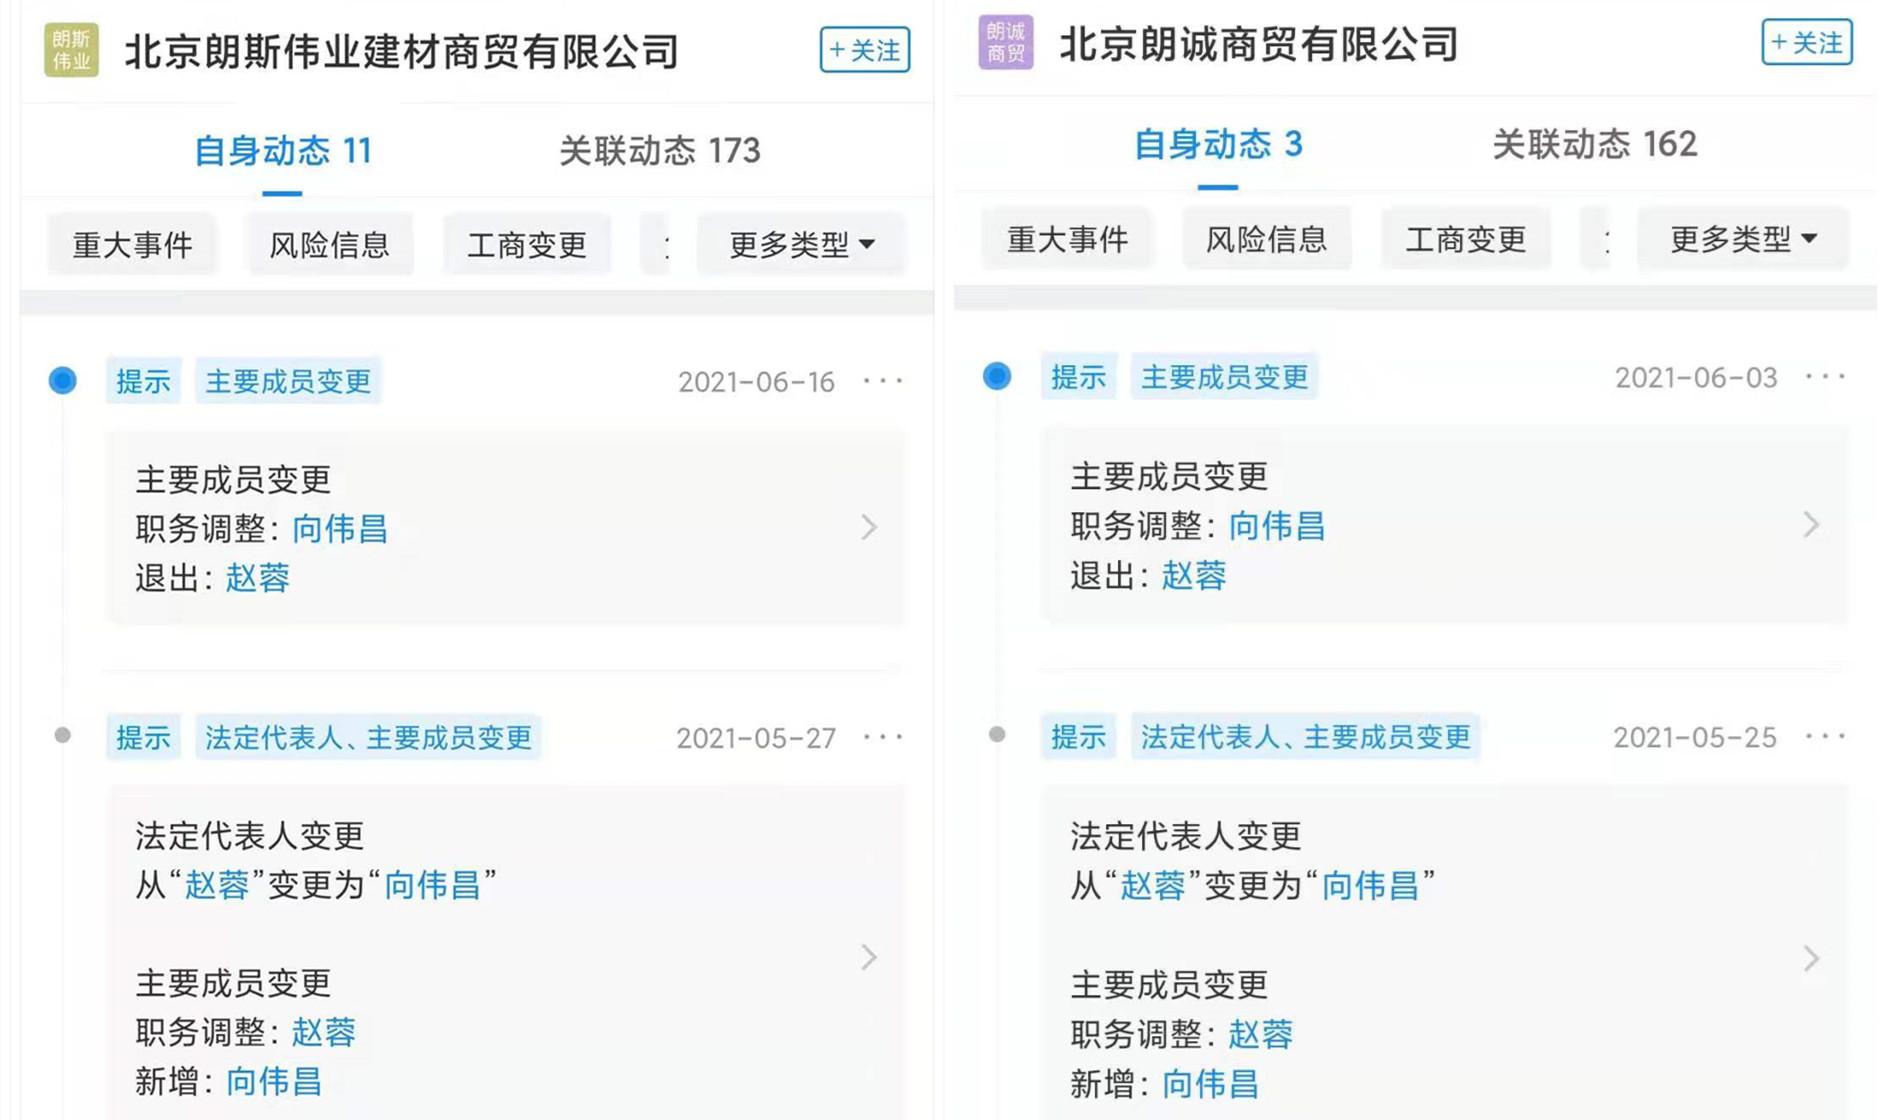 朗斯伟业、朗诚商贸接连遭遇电信诈骗 公司法人赵蓉退出 向伟昌接替(数据来源:企查查)